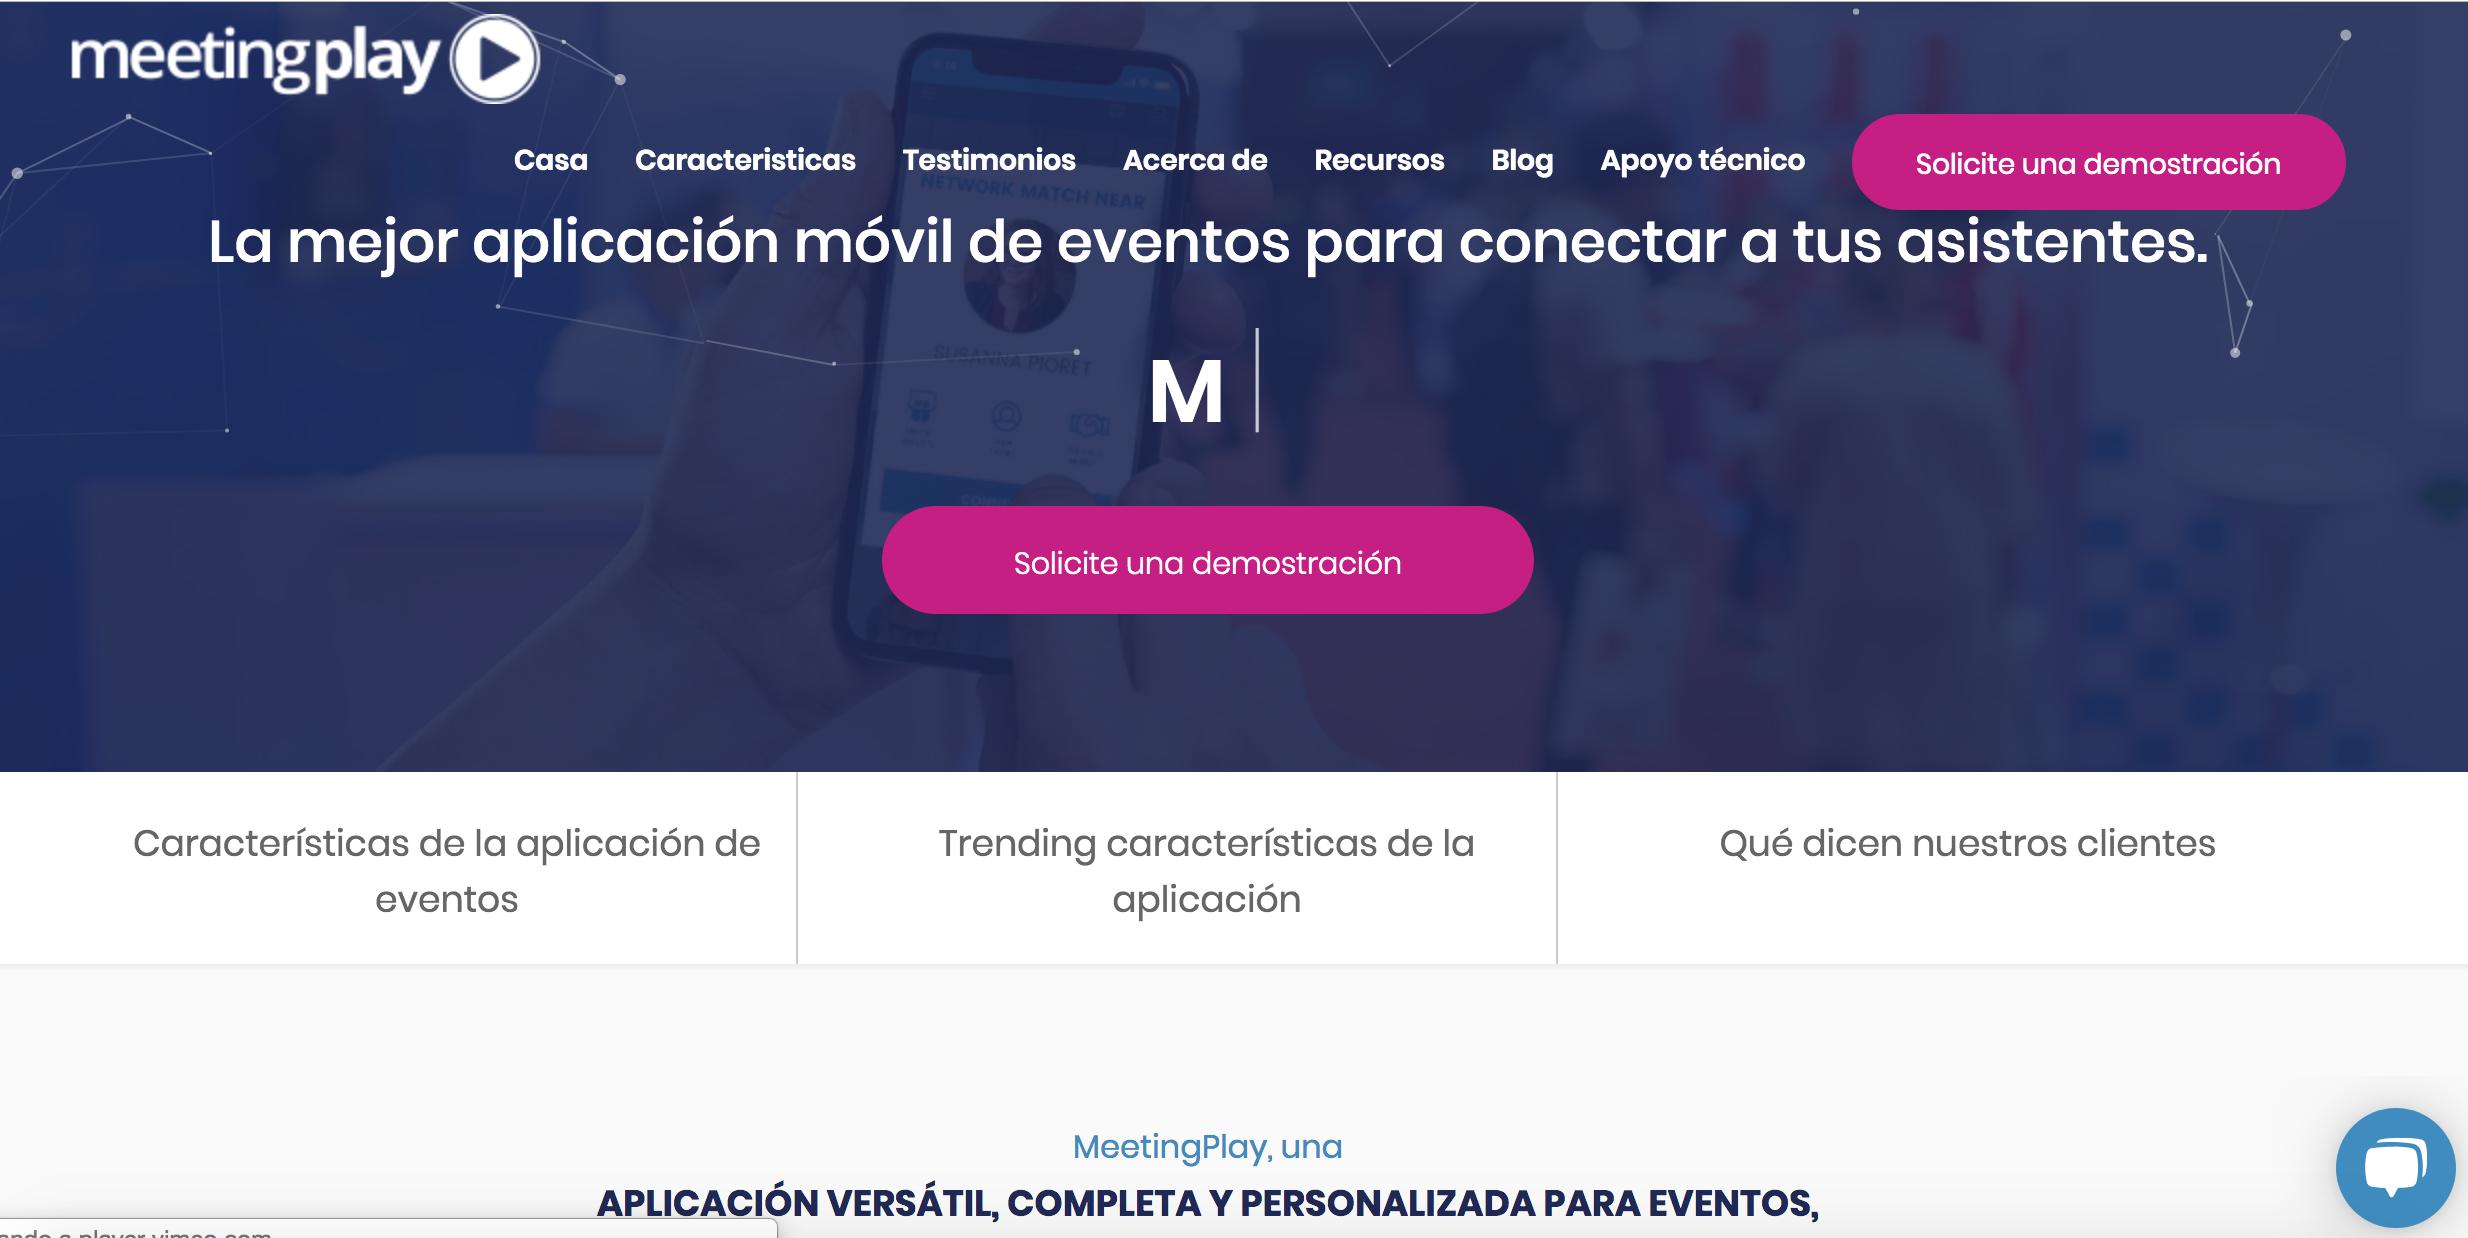 MeetingPlay incorpora la tecnología chatbots a los eventos, pero hay espacio para mucha más innovación